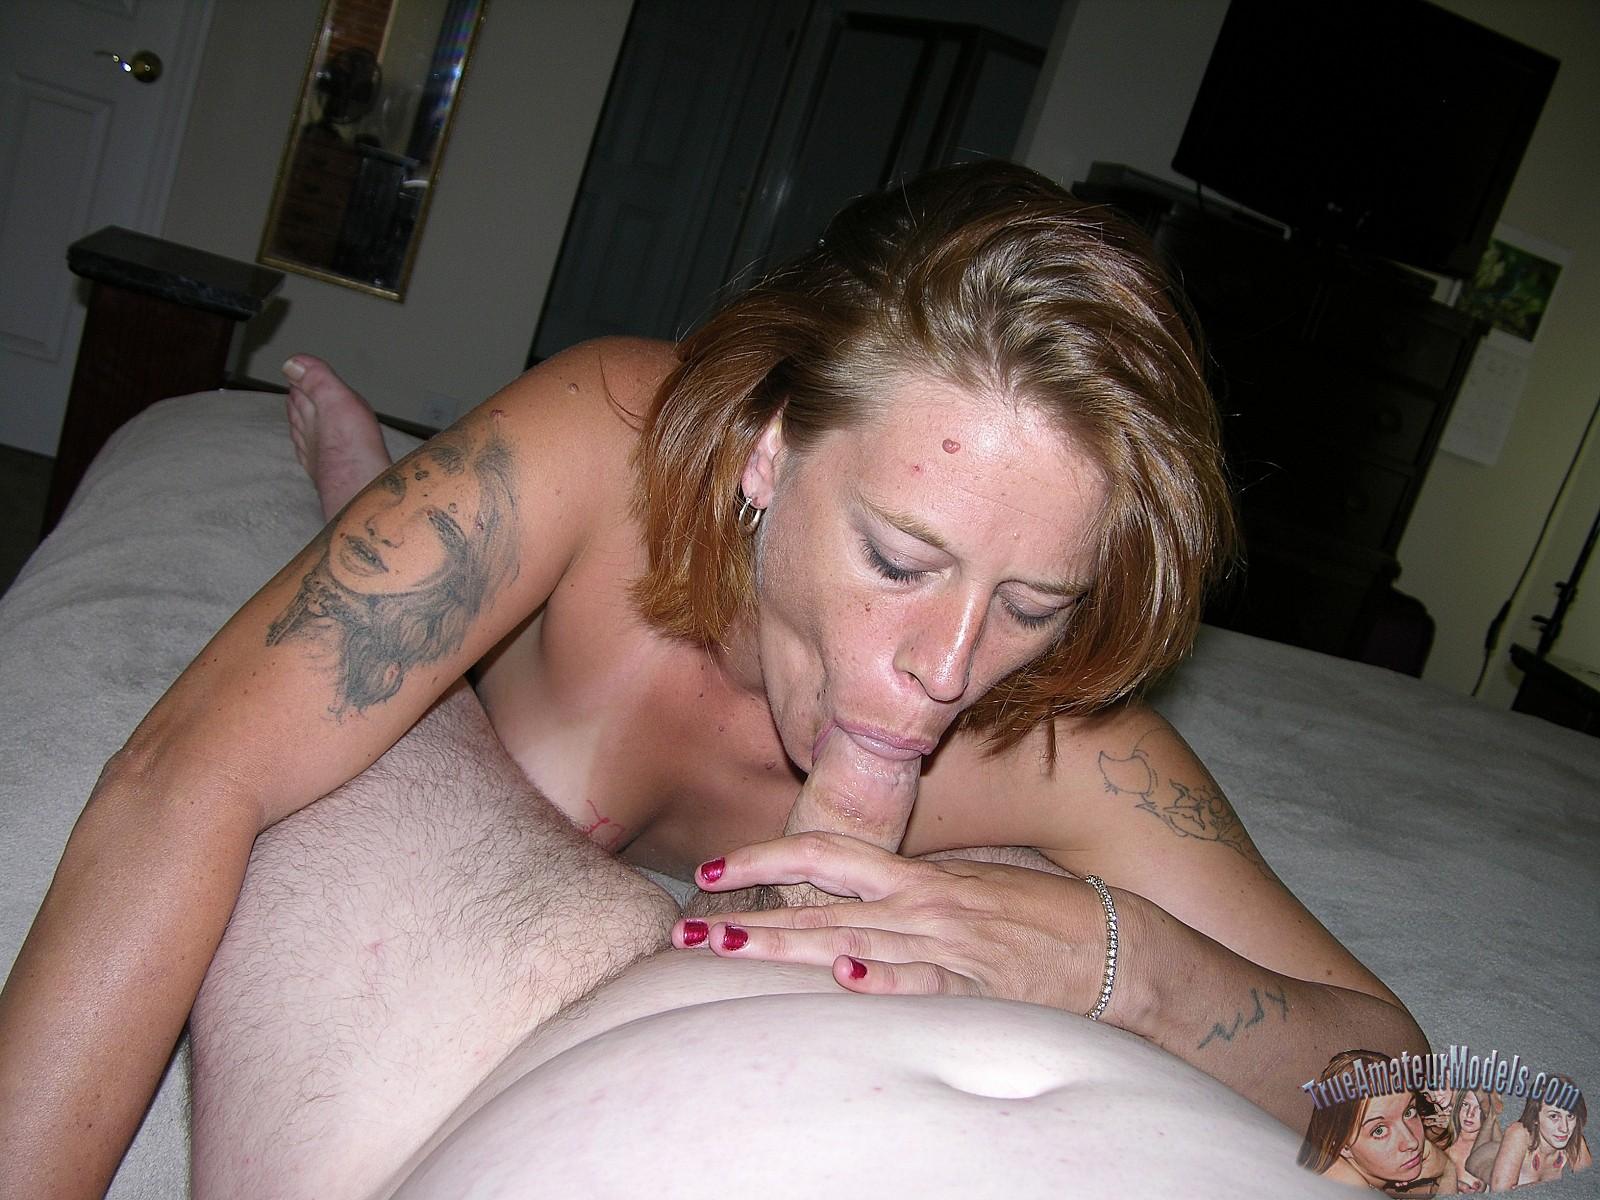 wet blowjob porn pictures